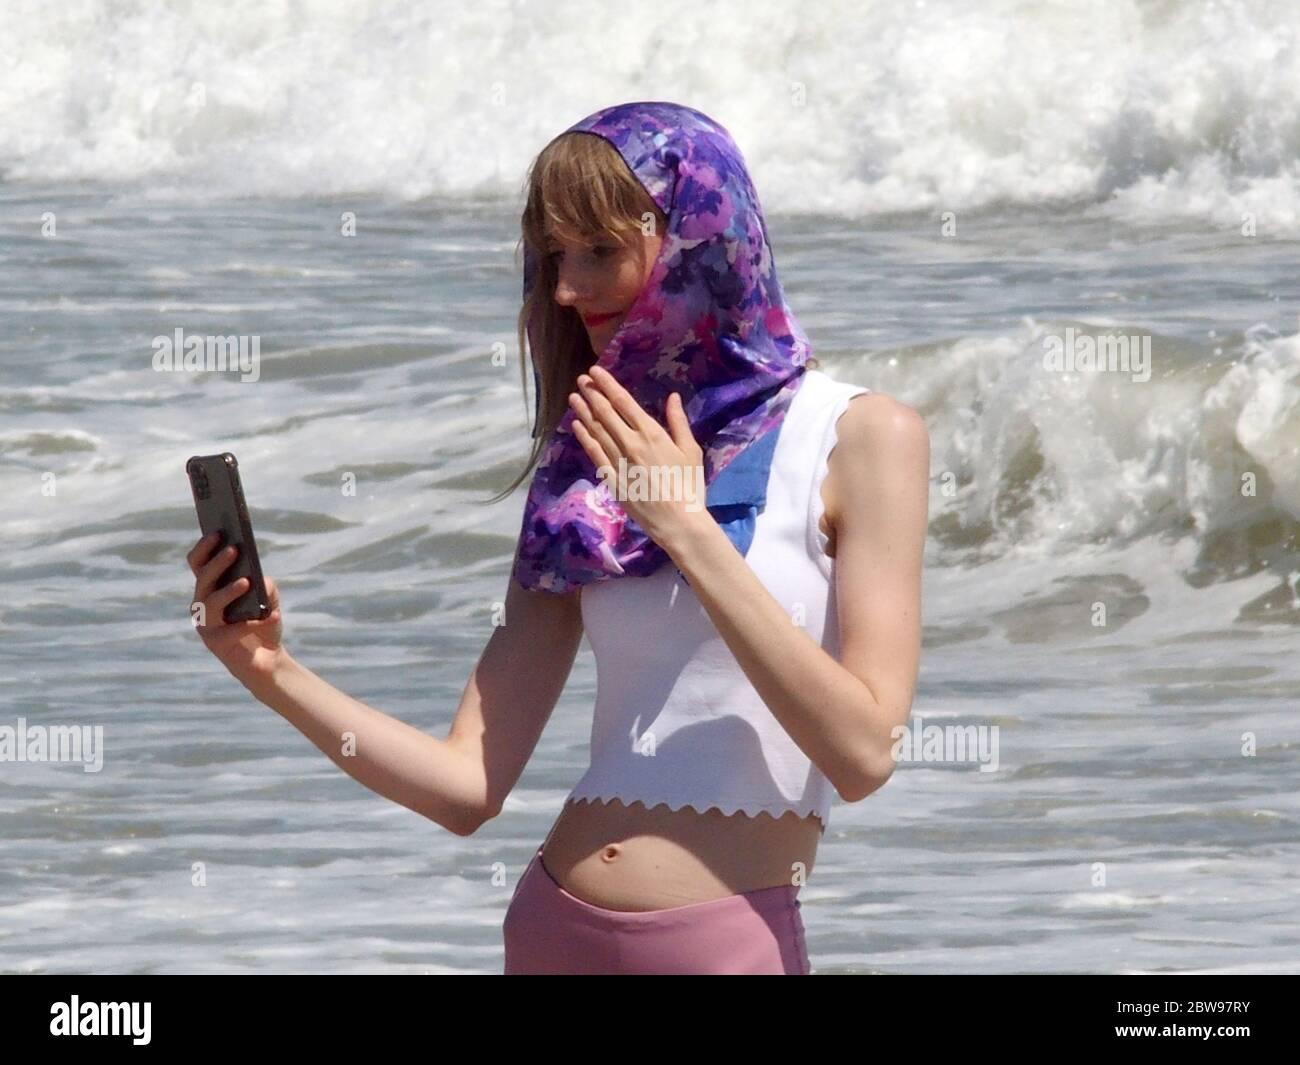 30 de mayo de 2020, Nueva York, Nueva York, EE.UU.: Tiempo caliente hoy en N.Y.C. Los bañistas se dirigen a la playa de ropa opcional en Queens N.Y. algunos con máscaras y distanciamiento social mientras que otros no. 29/2020/05 (imagen de crédito: © Bruce Cotler/ZUMA Wire) Foto de stock